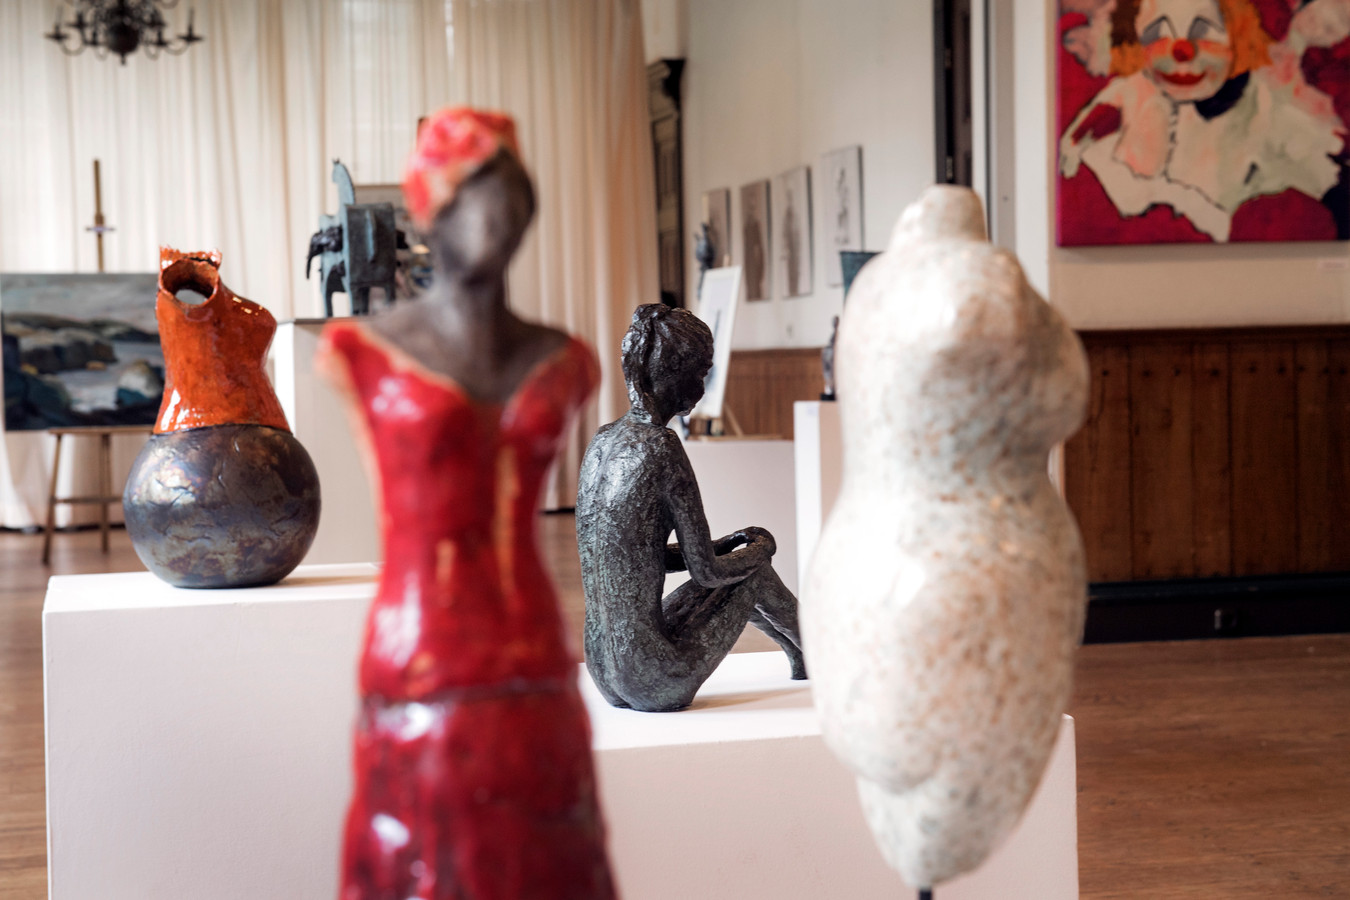 Expositie in Kasteel Wijchen tijdens de Atelierroute in 2016. De Kunstmarkt in de tuin van het kasteel trekt wél veel publiek.